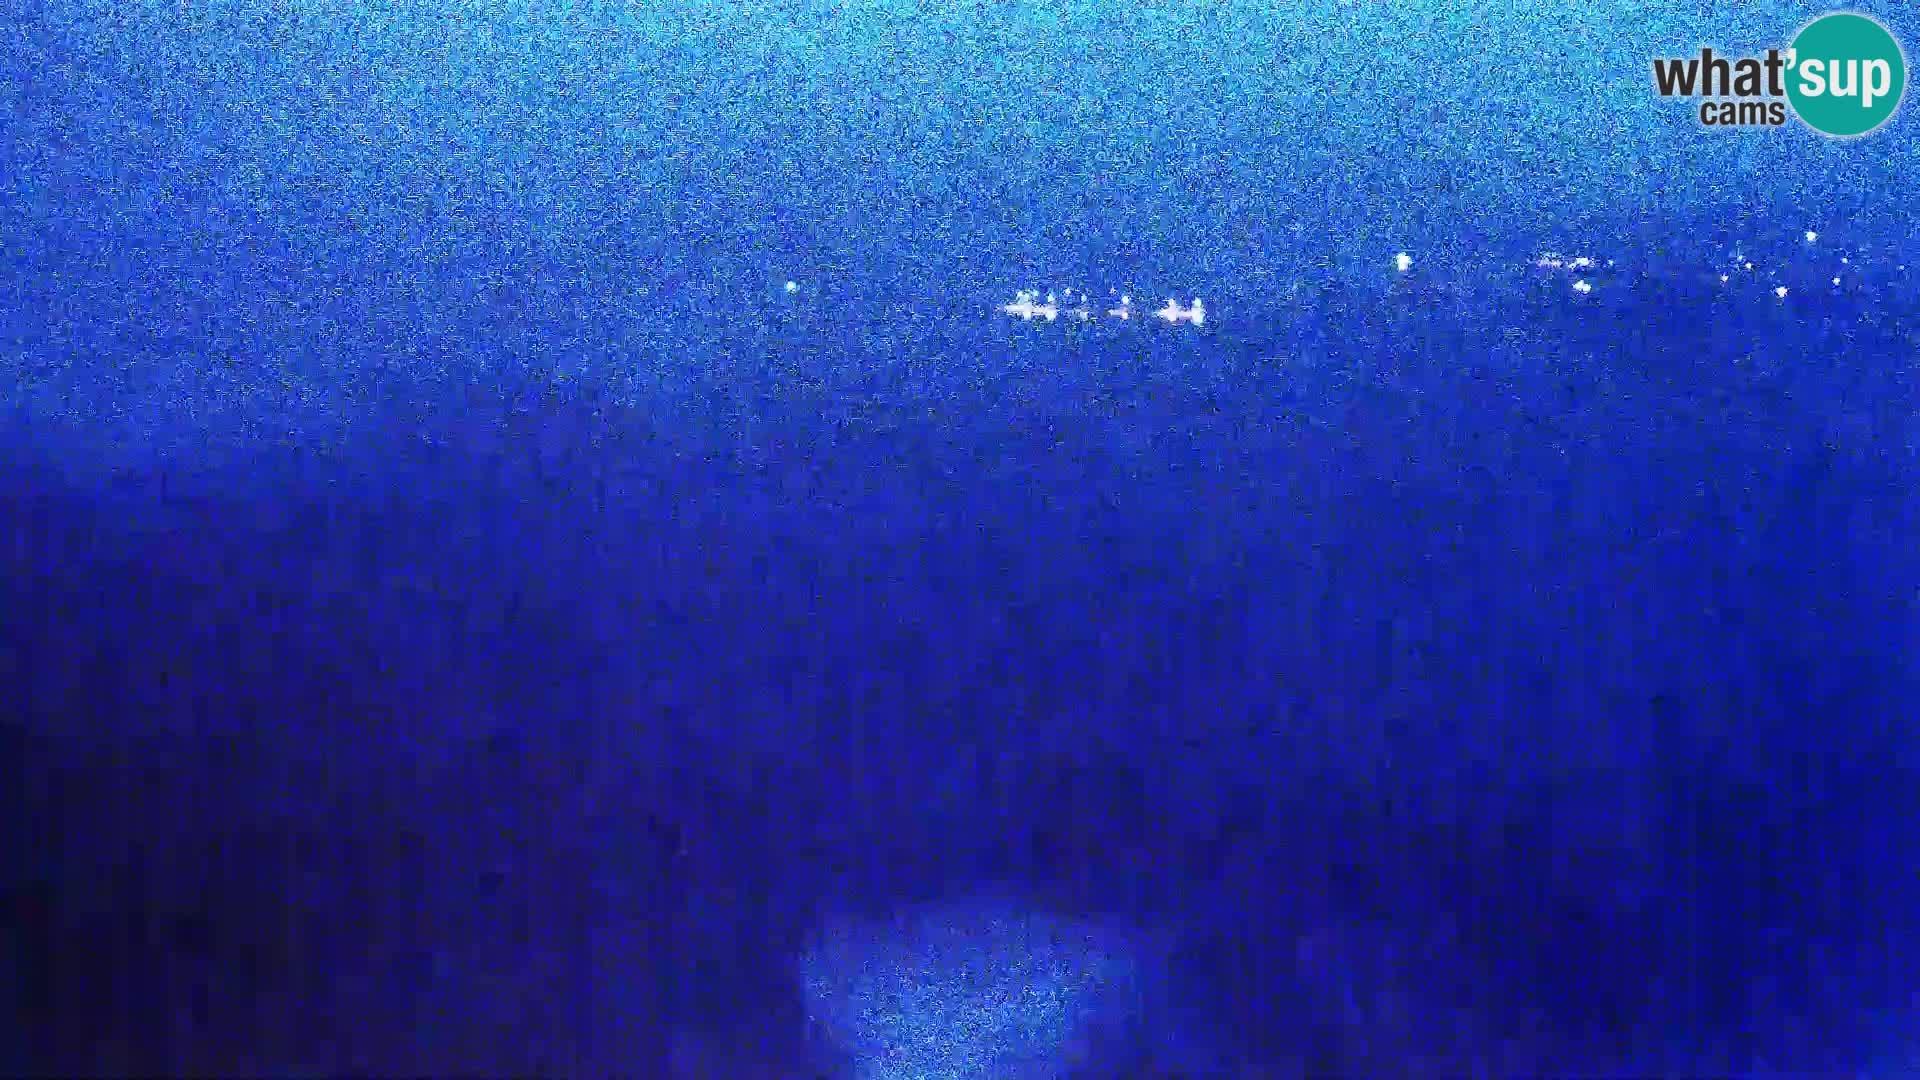 Vue de l'usine de fromage Gligora Kolan – île de Pag